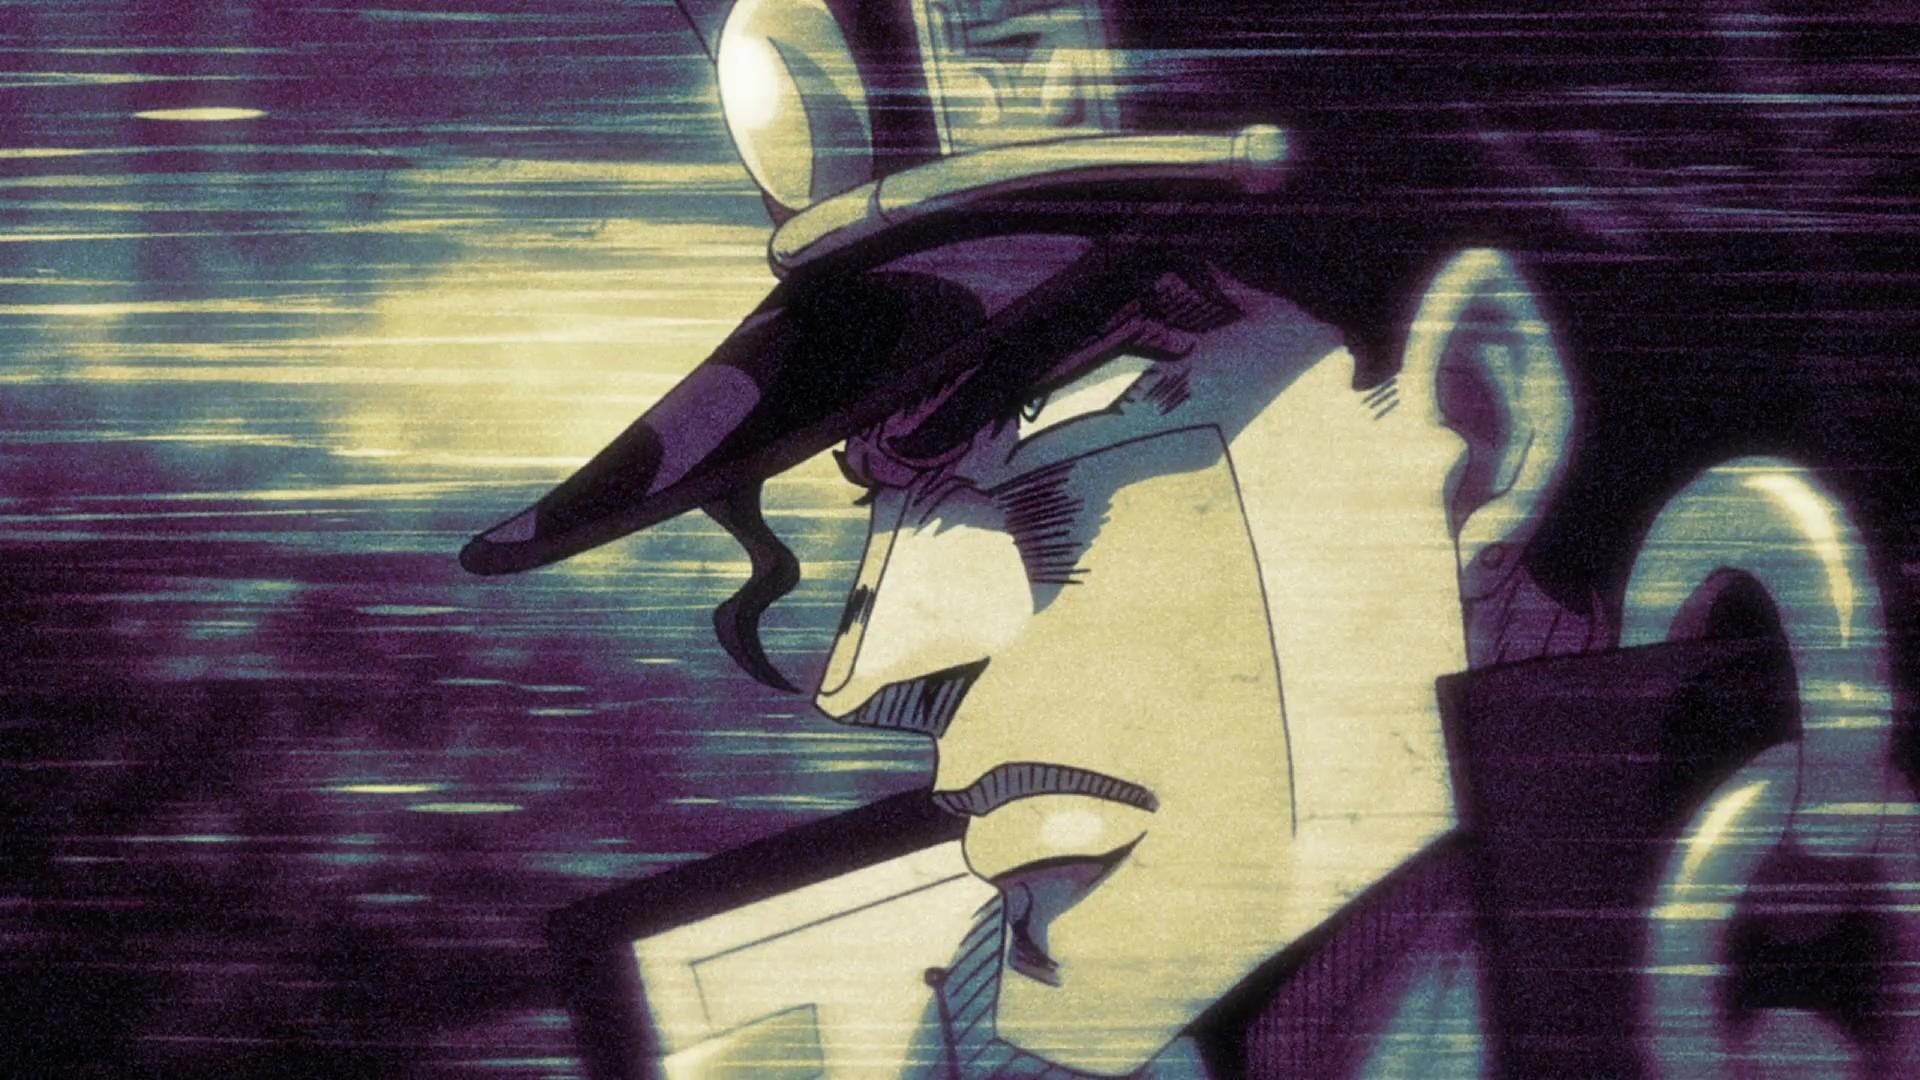 デスクトップ壁紙 アニメ ジョジョの奇妙な冒険 浄土城太郎